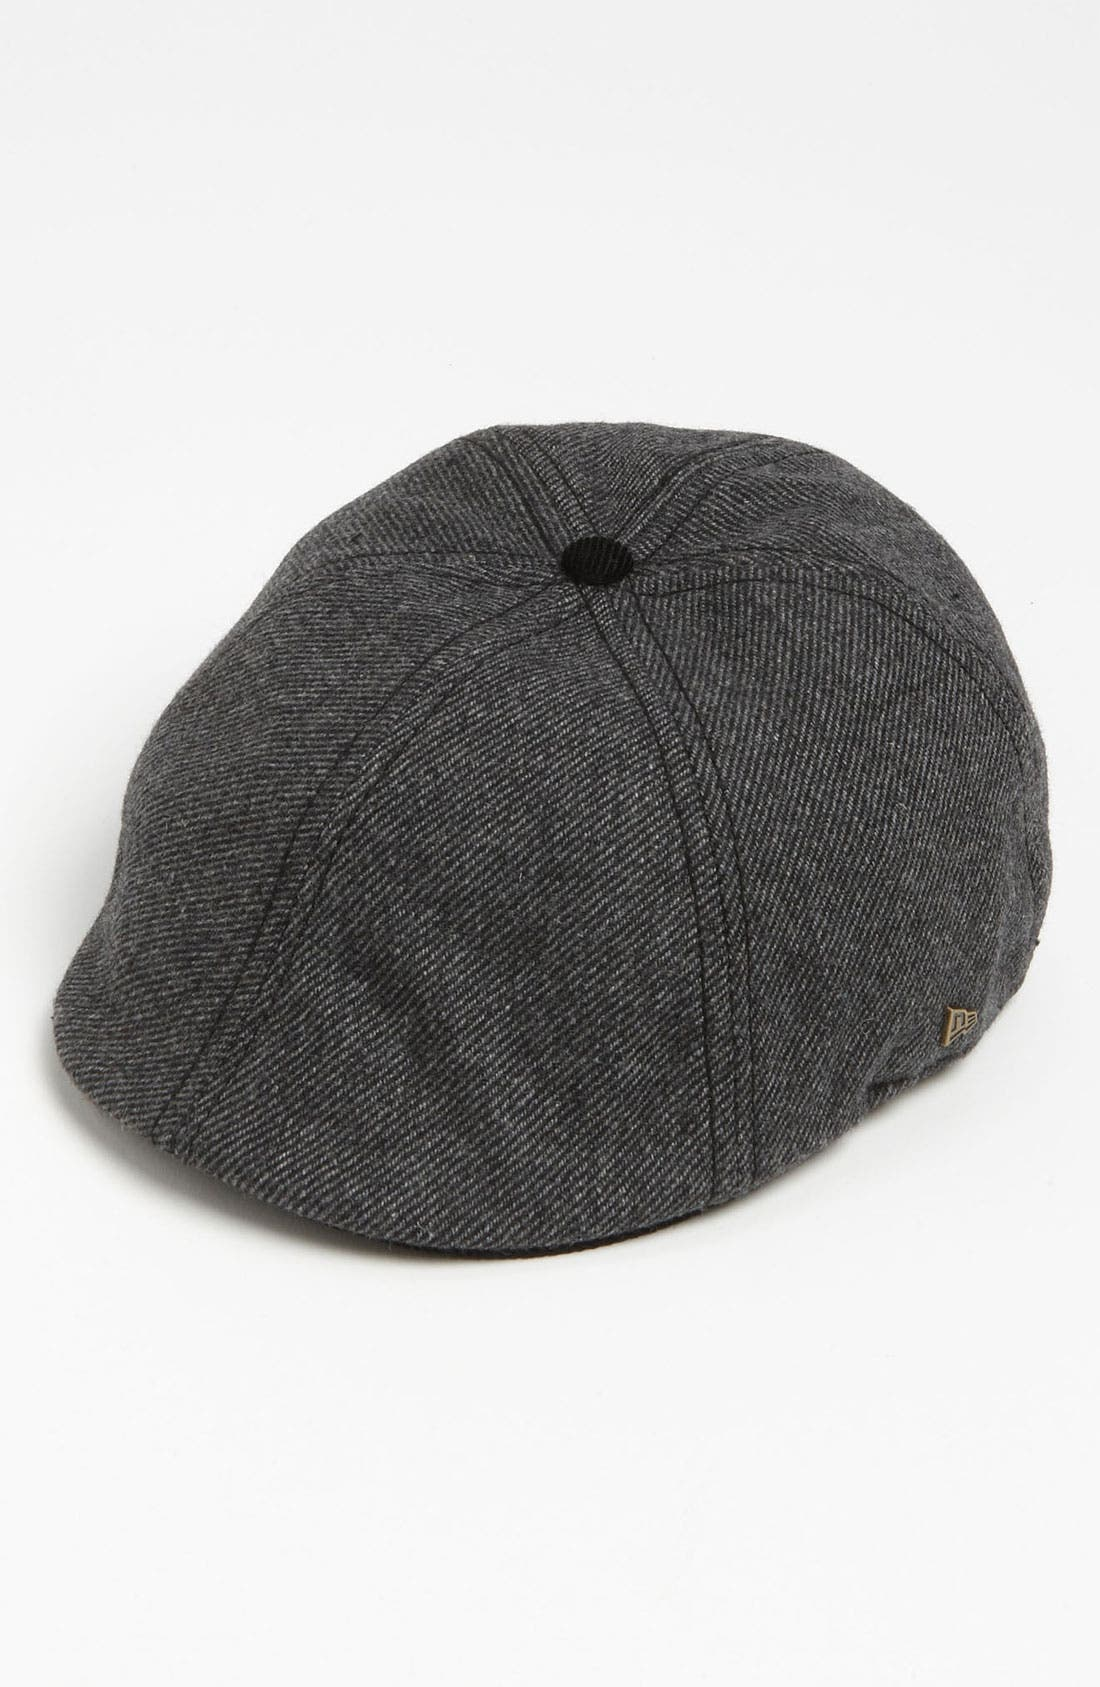 Alternate Image 1 Selected - New Era Cap 'EK® - Albacore' Driving Cap